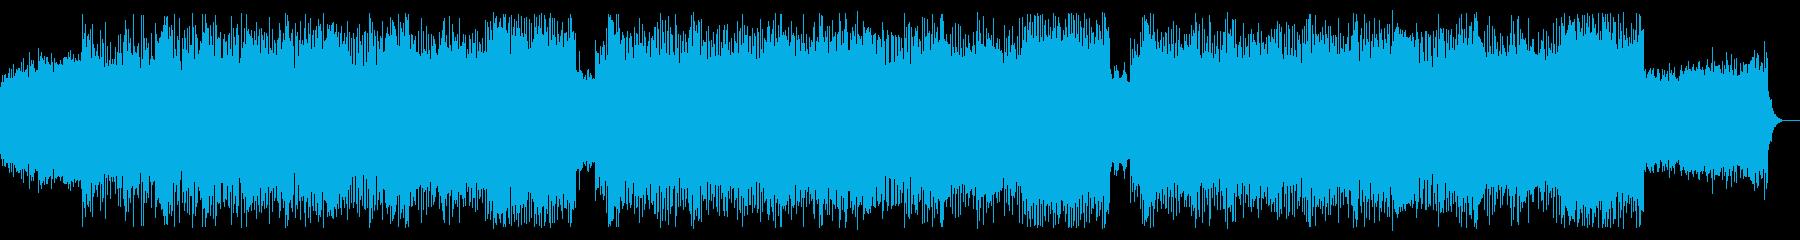 ピアノ/シンセ/ボス戦闘/バトルの再生済みの波形